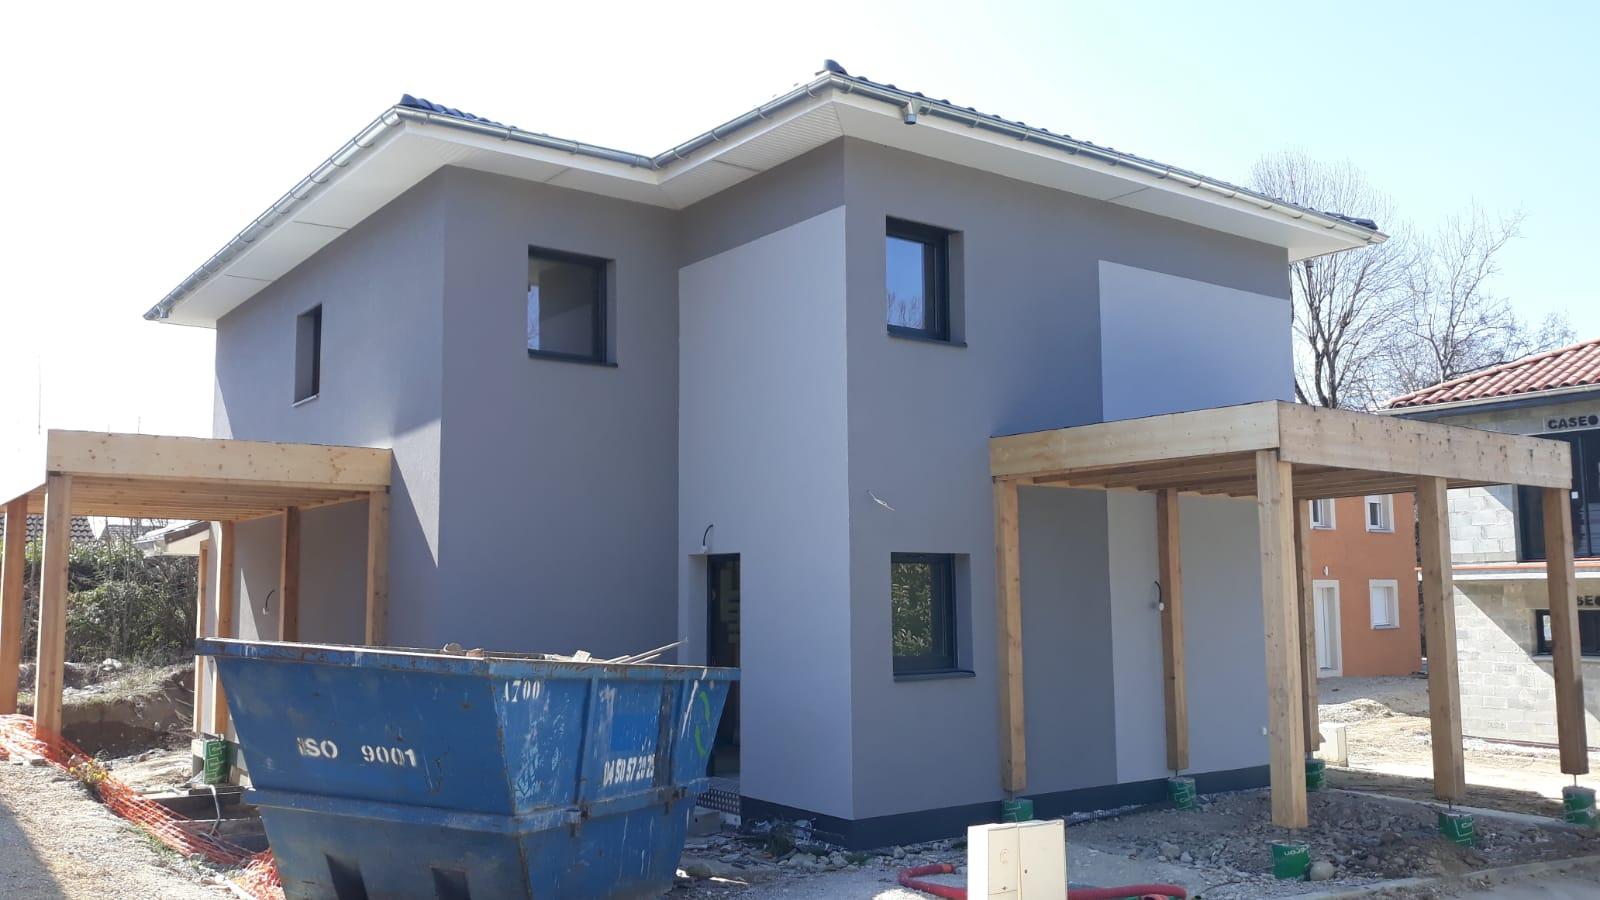 Maisons + Terrains du constructeur MAISONS LOGELIS • 95 m² • CHATEAUNEUF SUR ISERE